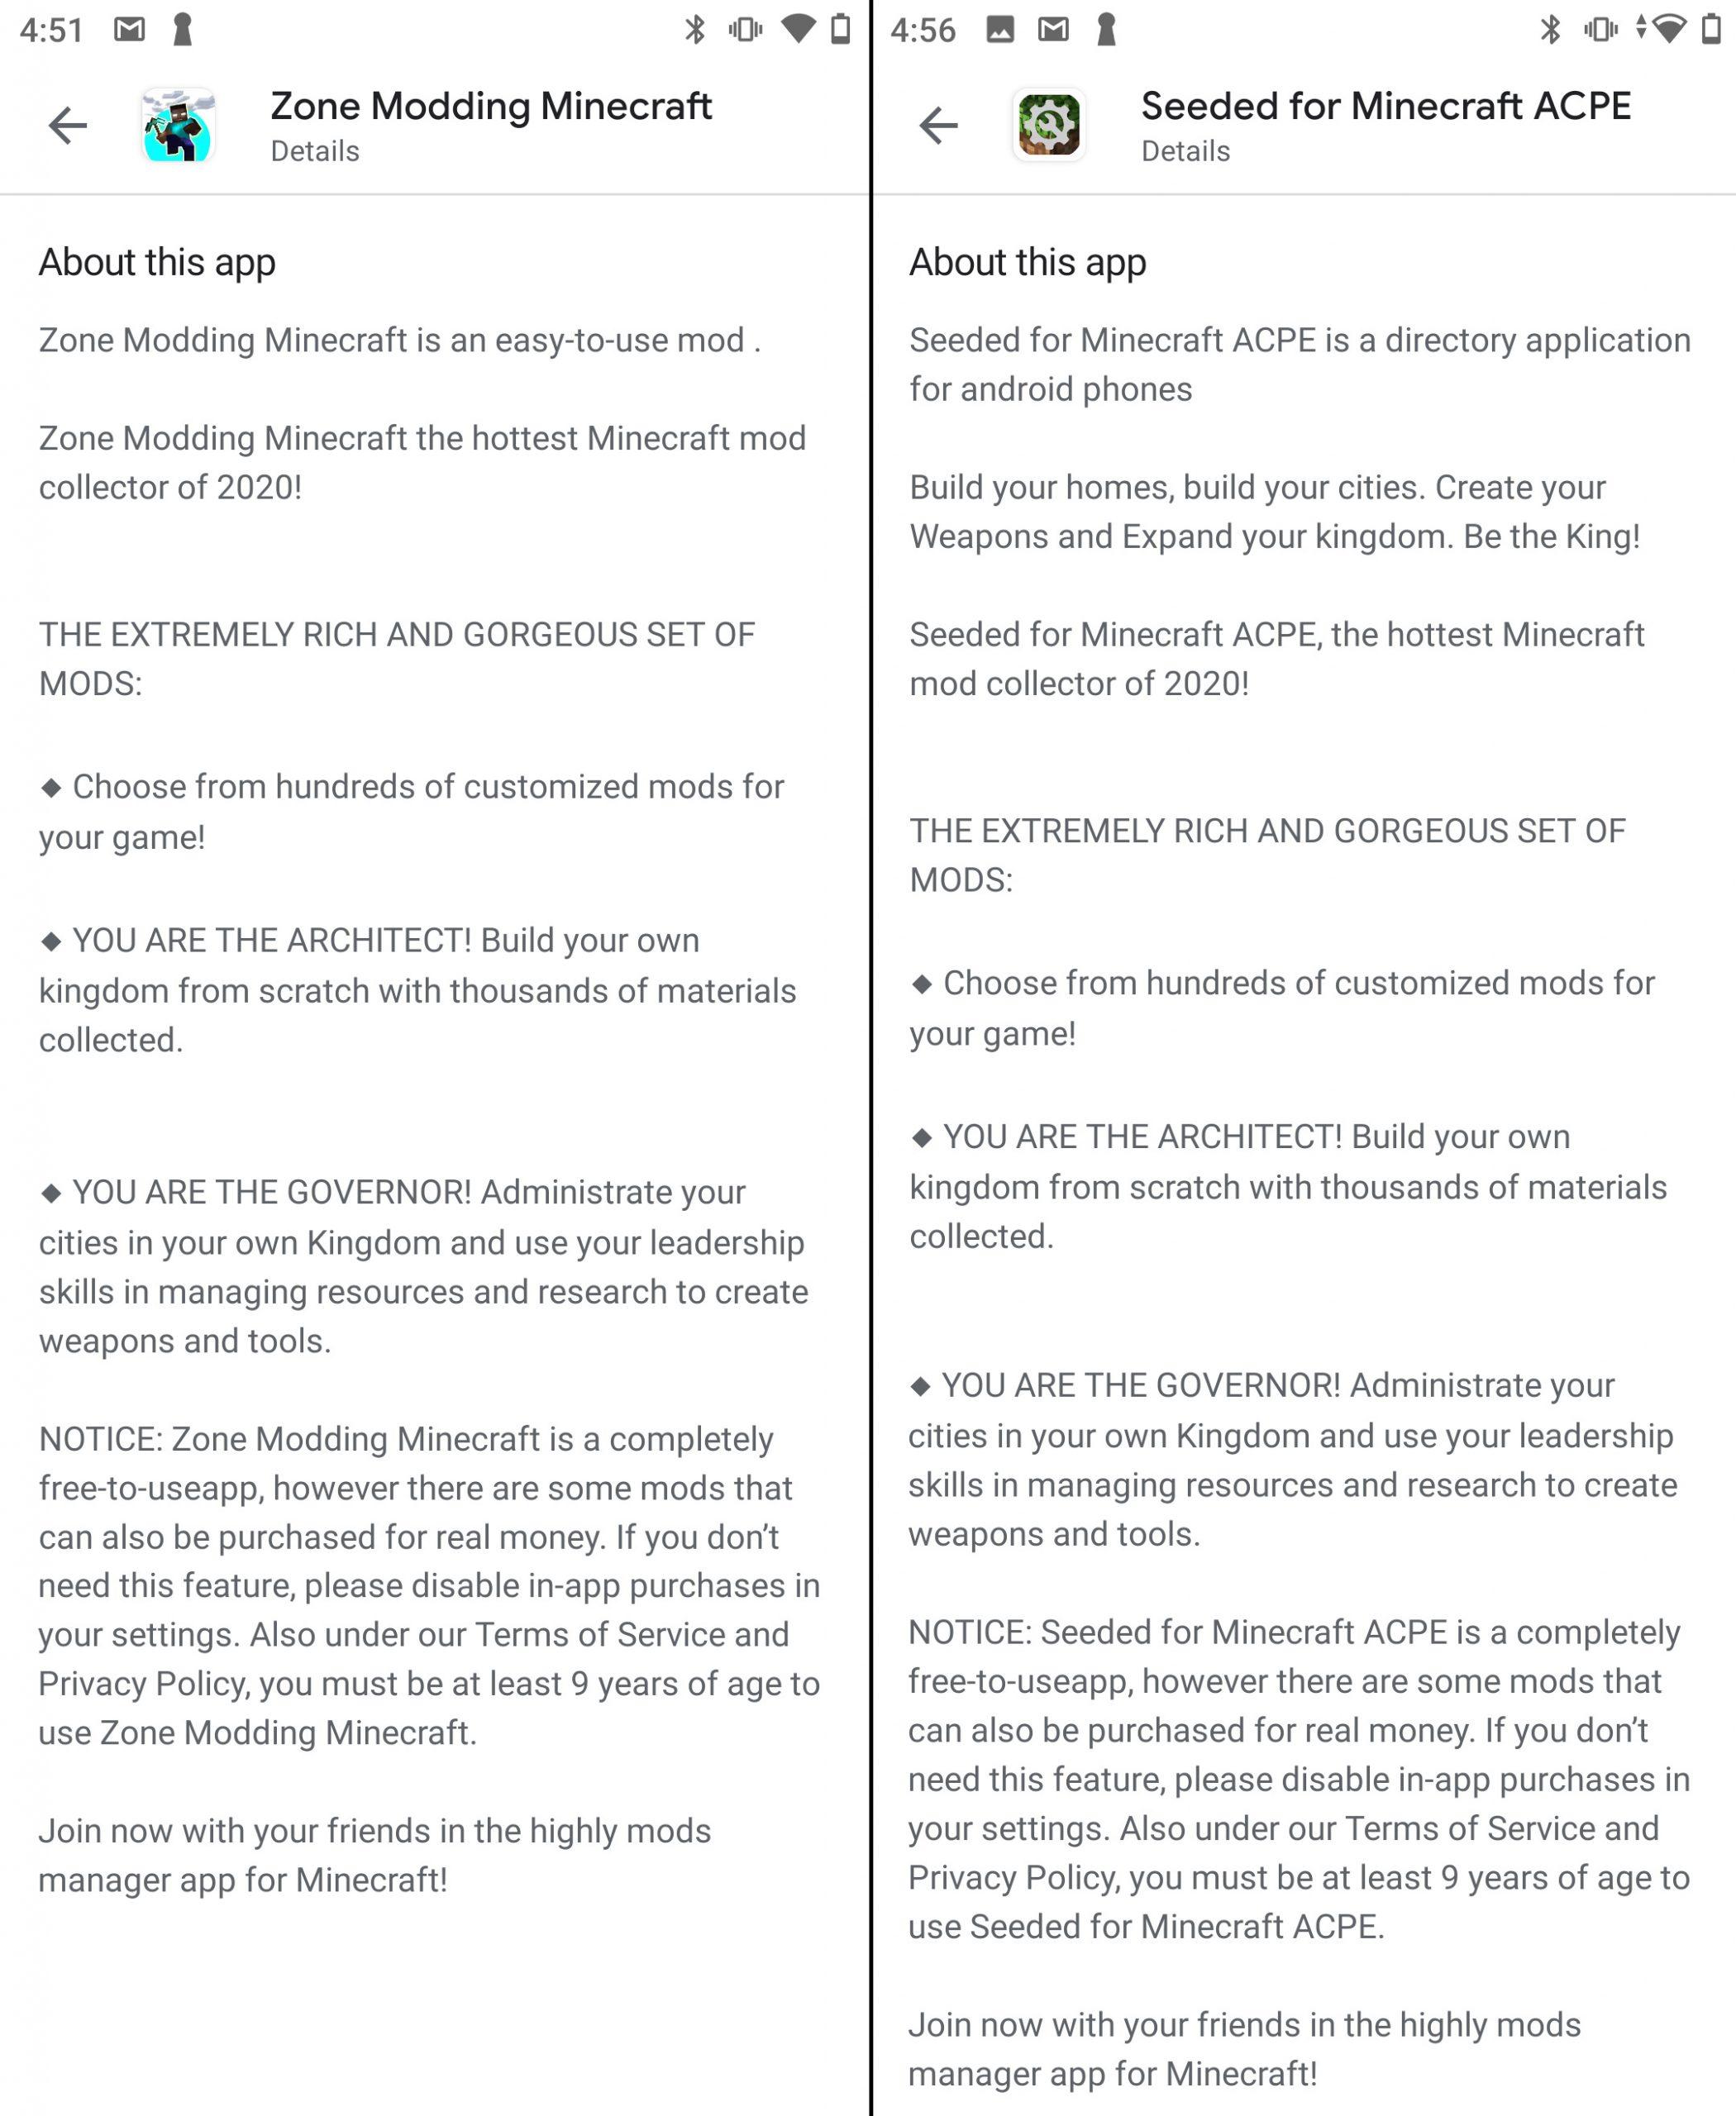 Apps von unterschiedlichen Herausgebern mit identischen Beschreibungen